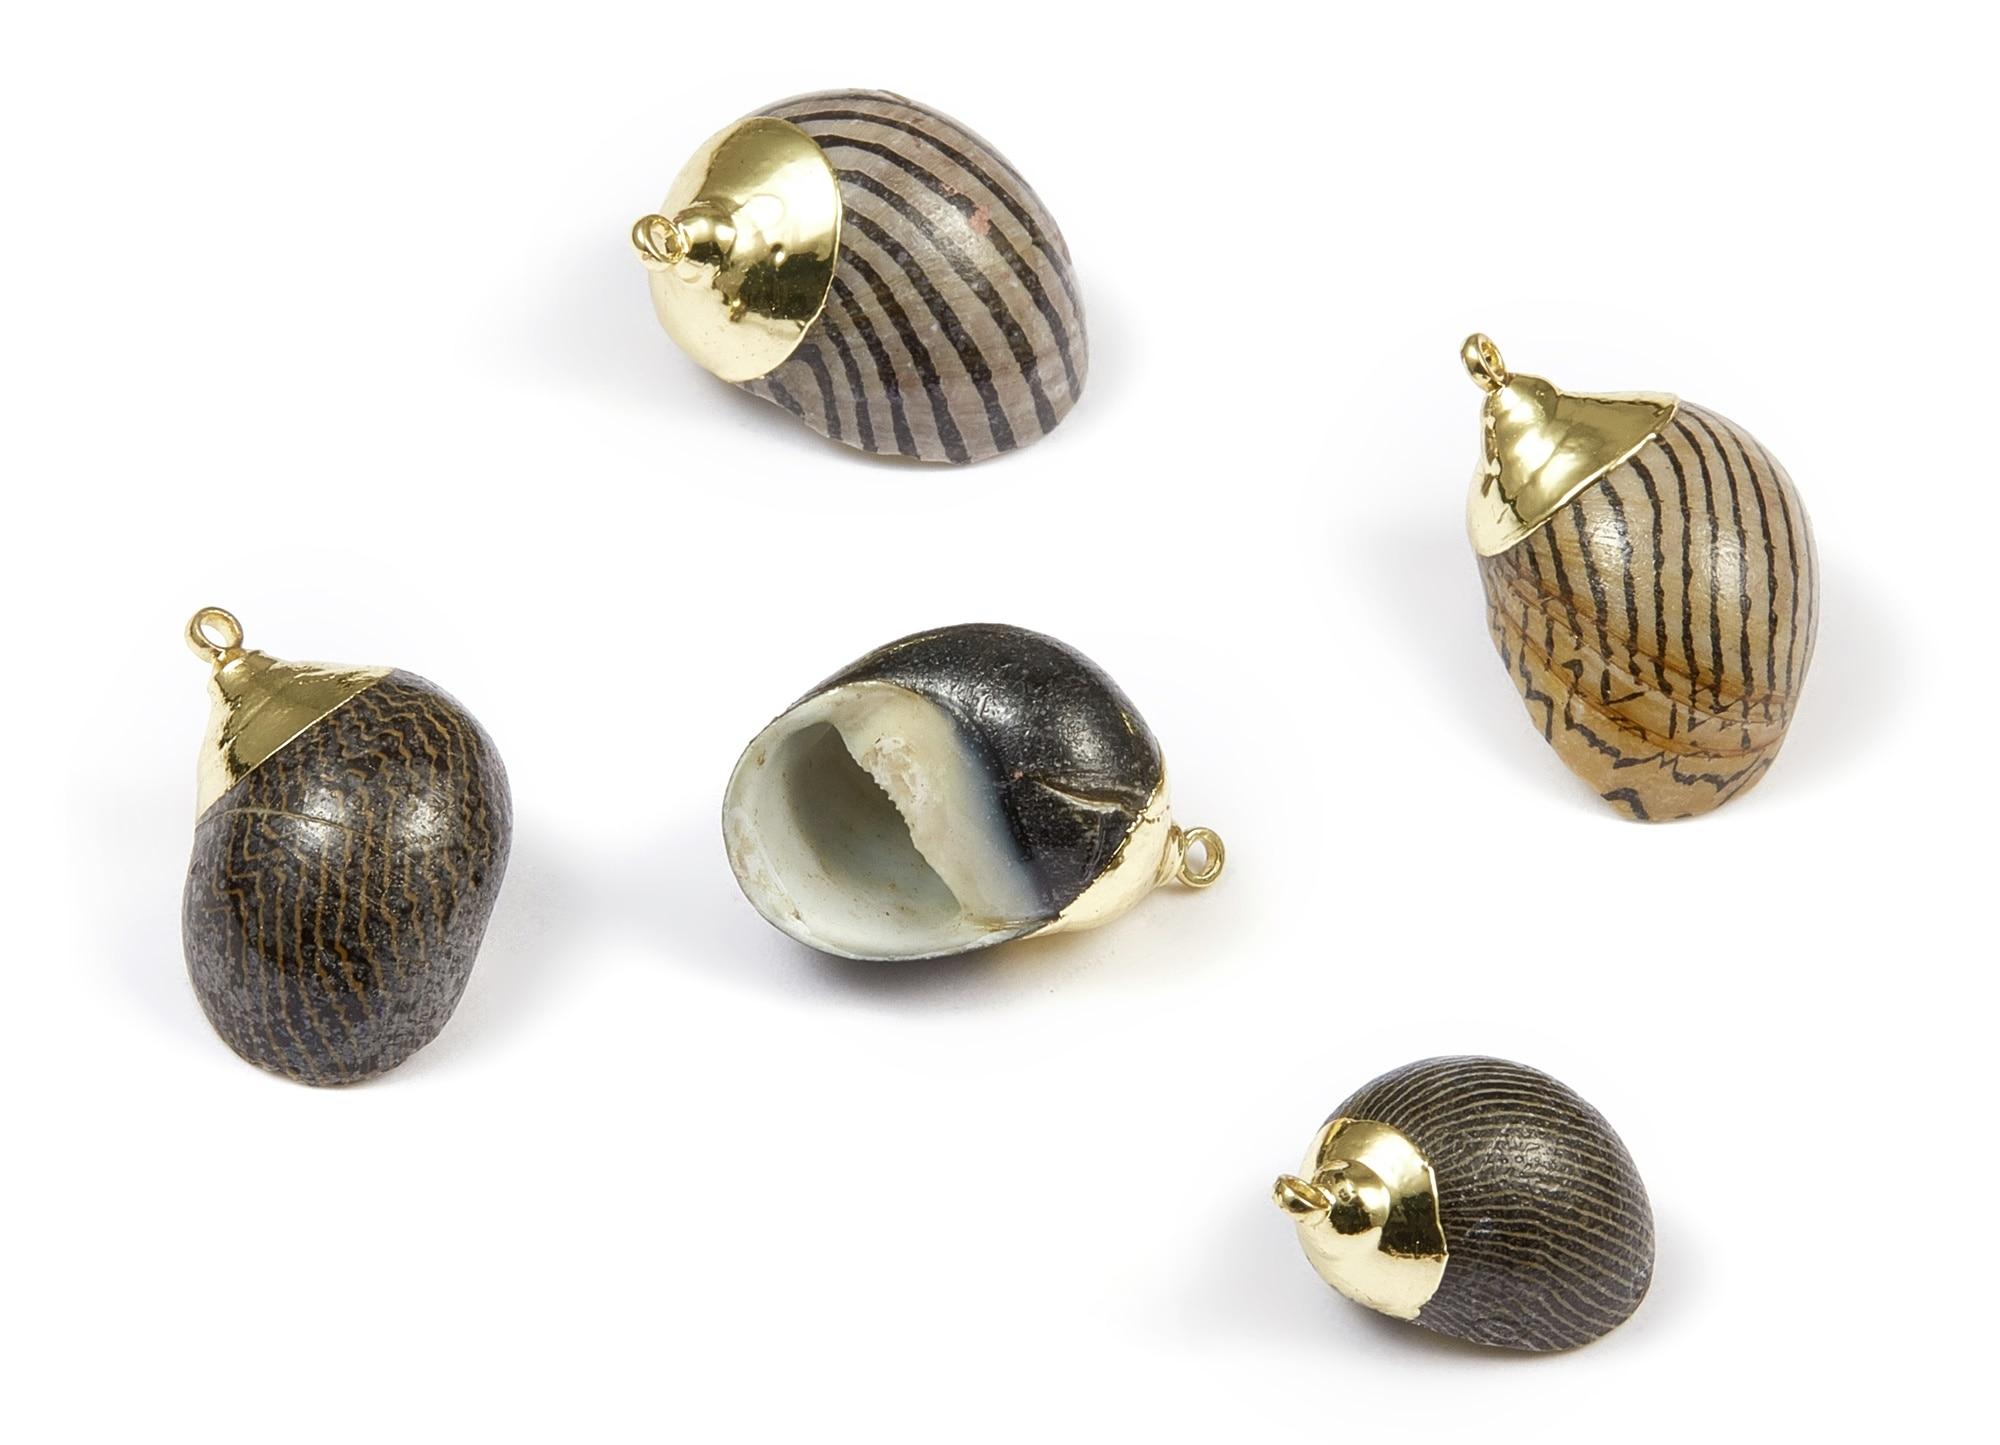 1 Hole SF1128C 25.43x23.33mm Whelk Seashell Pendant Natural Seashell Earrings Cone Seashell Charms